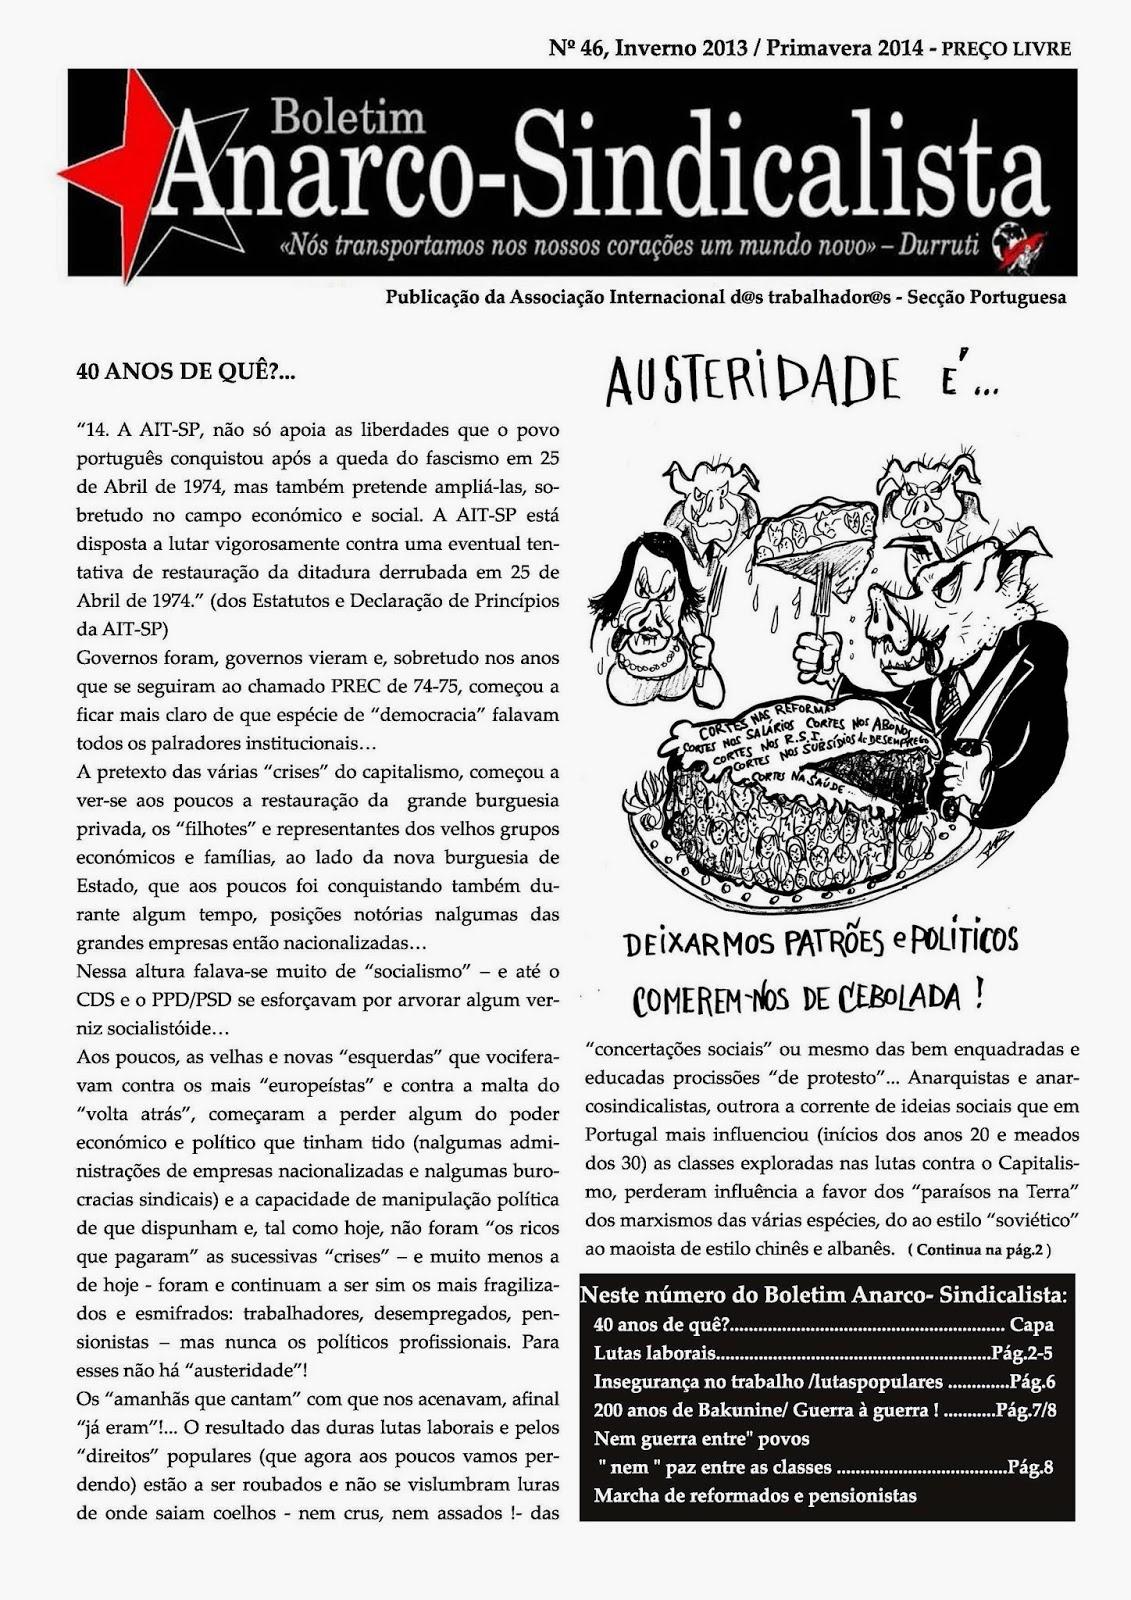 Boletim Anarco-Sindicalista nº 46 (Inverno 2013 - Primavera 2014)